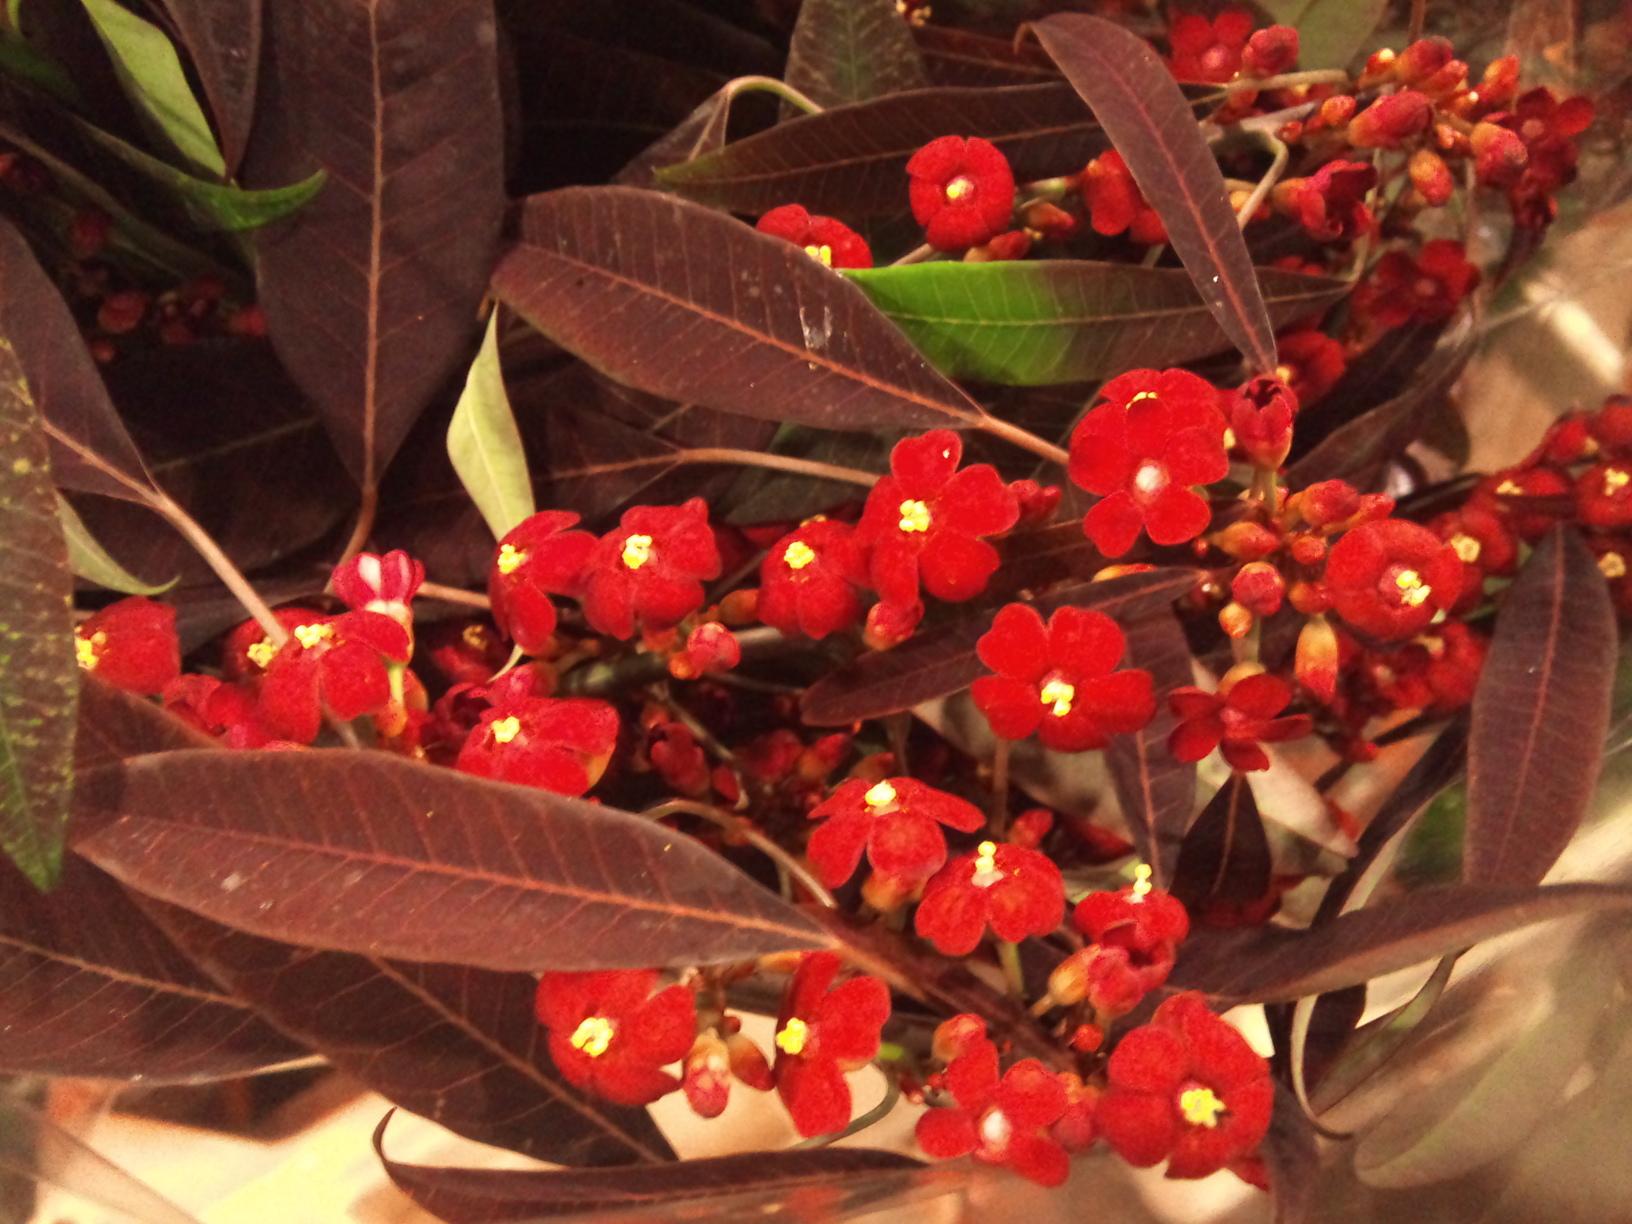 2012-12-Euphorbia-fulgens-Samtrot.jpg?mtime=20171003154103#asset:12638